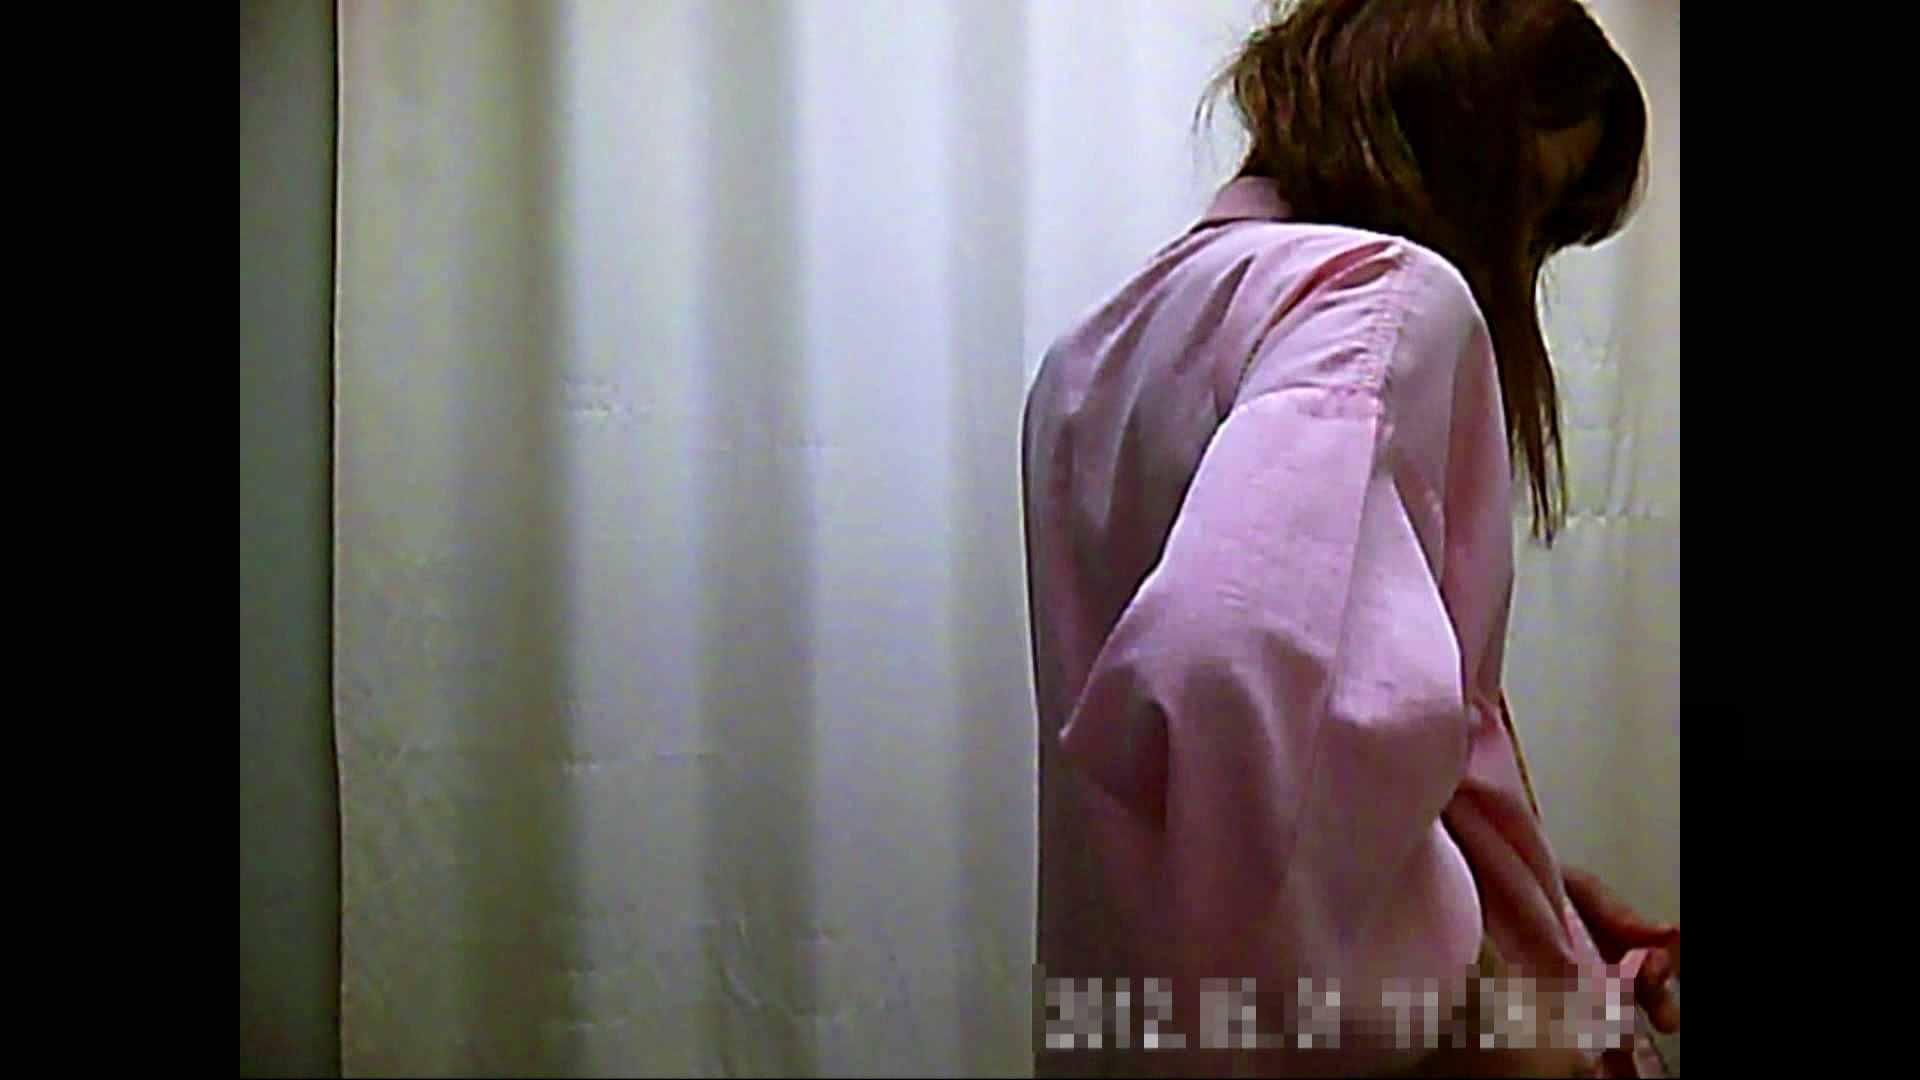 元医者による反抗 更衣室地獄絵巻 vol.003 OL女体 | 0  91連発 5